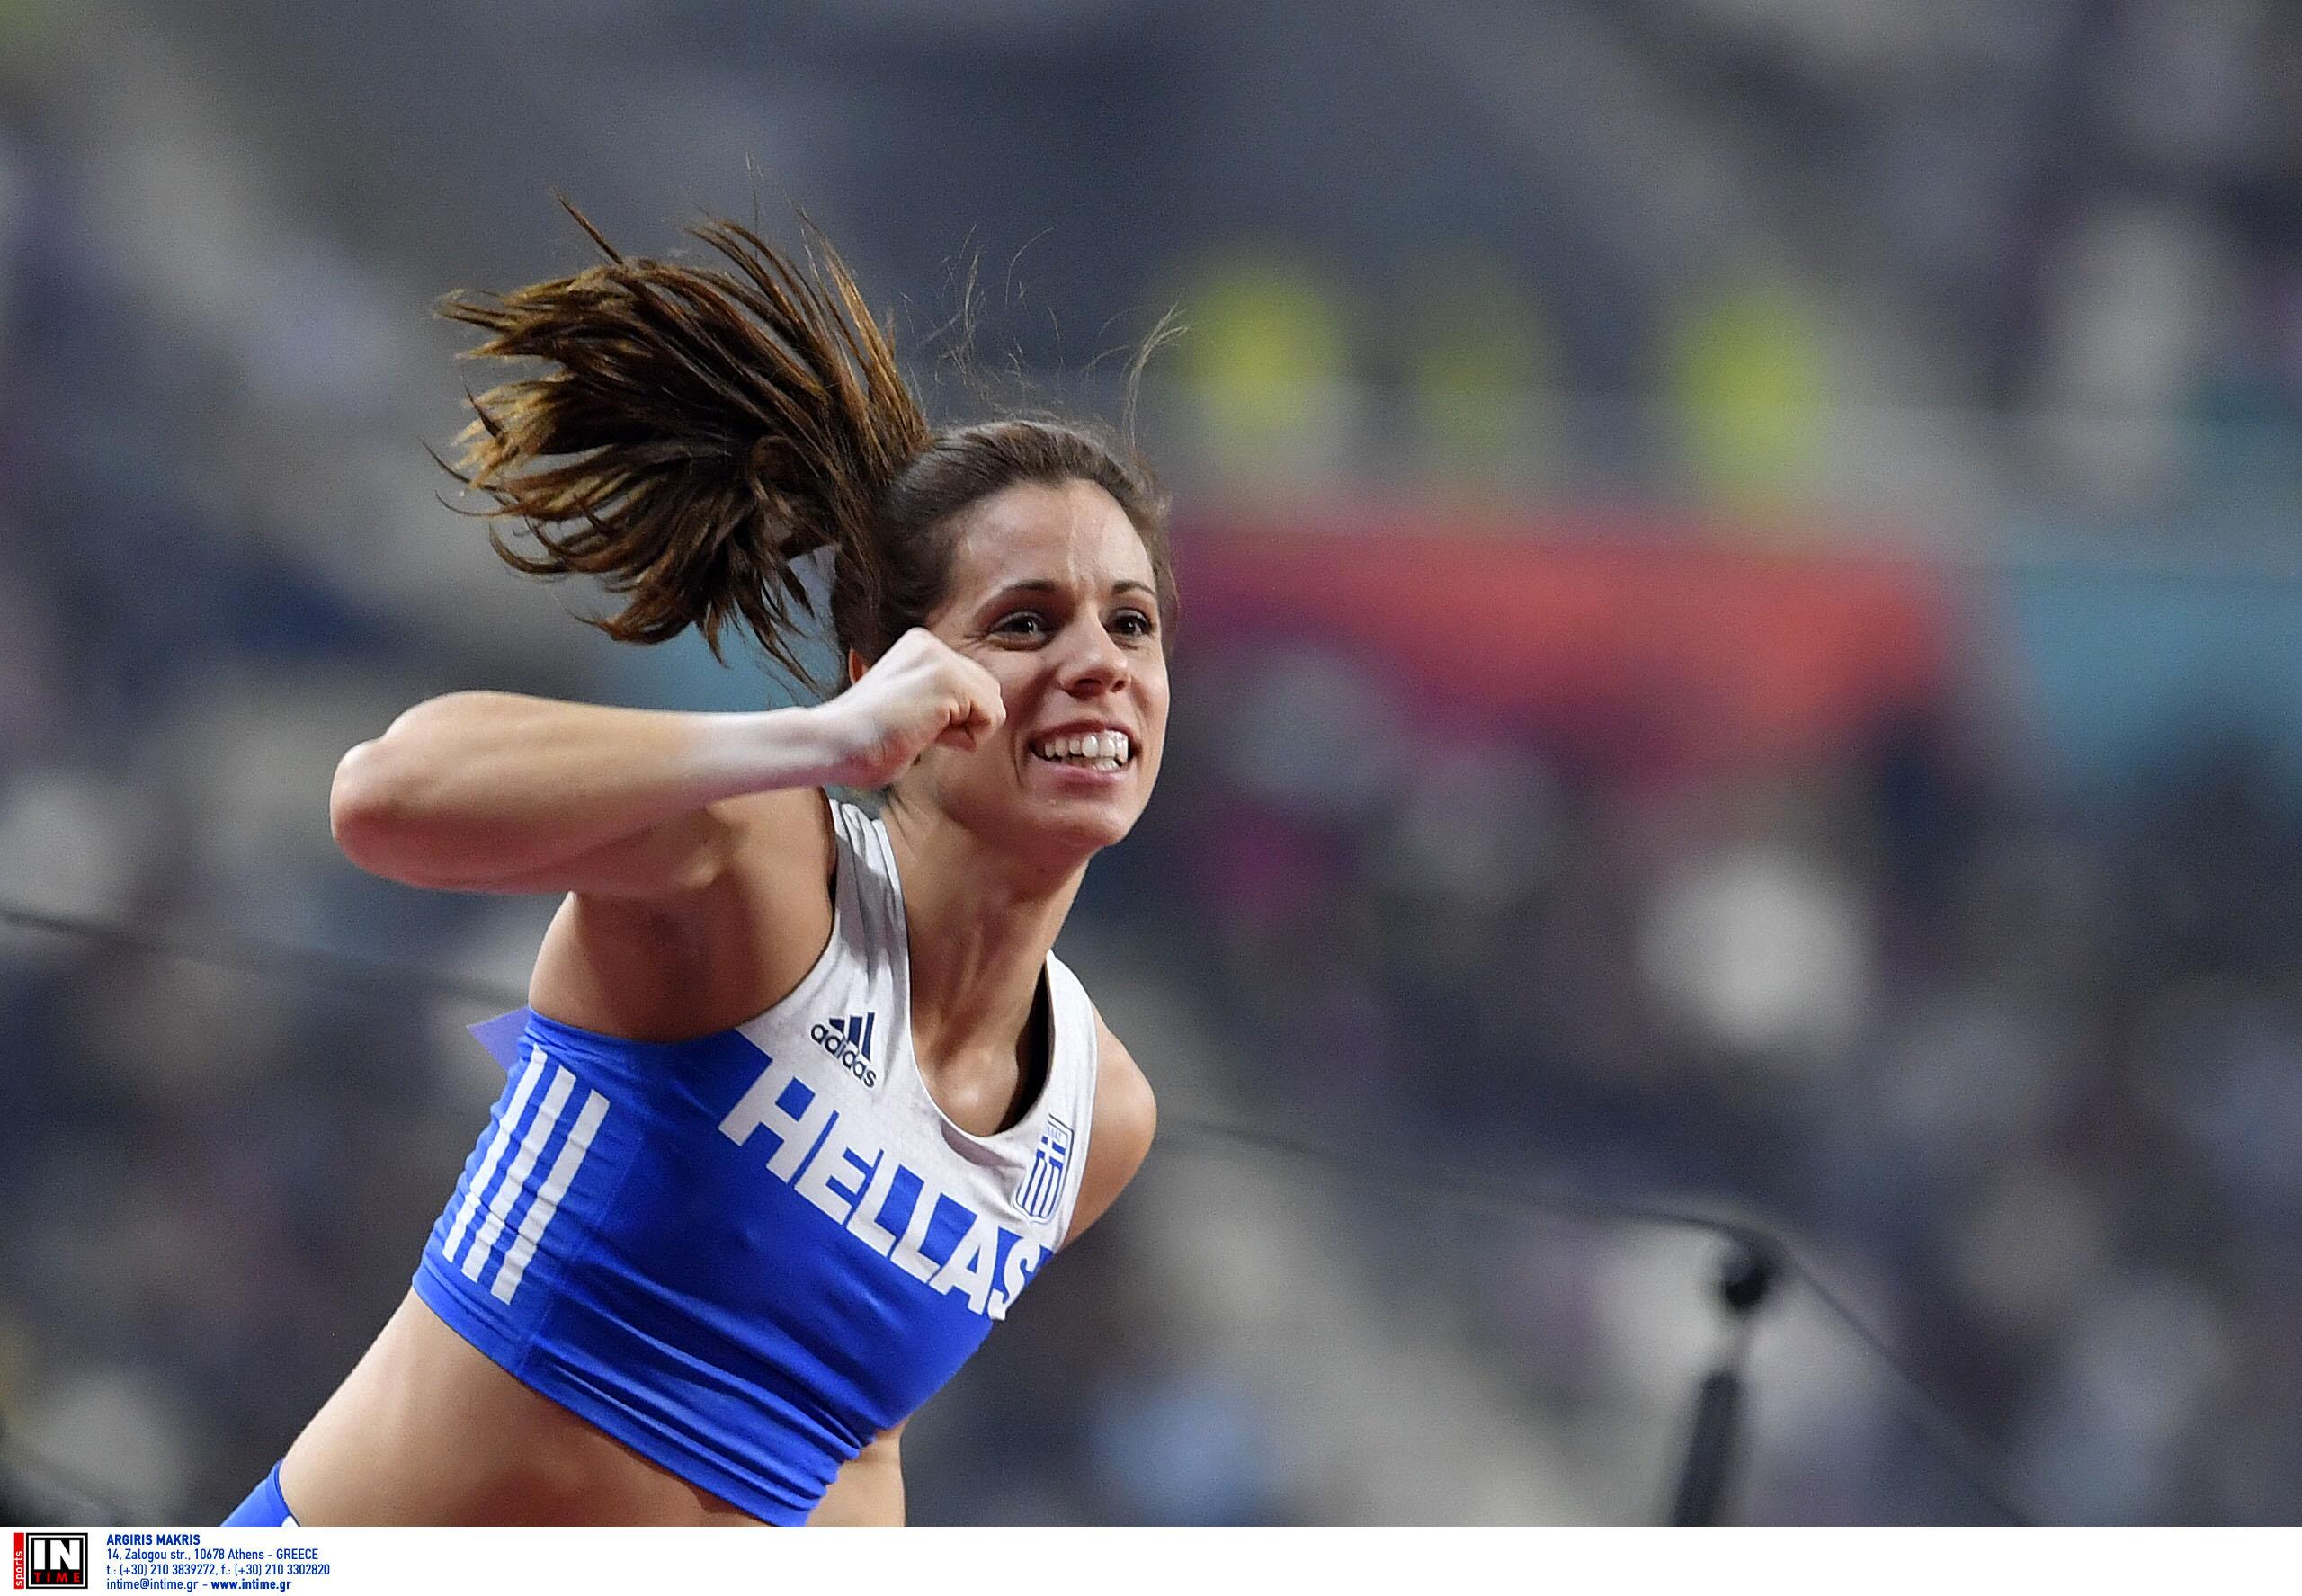 Παγκόσμιο στίβου: Χάλκινη η Κατερίνα Στεφανίδη! Πρώτο μετάλλιο για την Ελλάδα – video